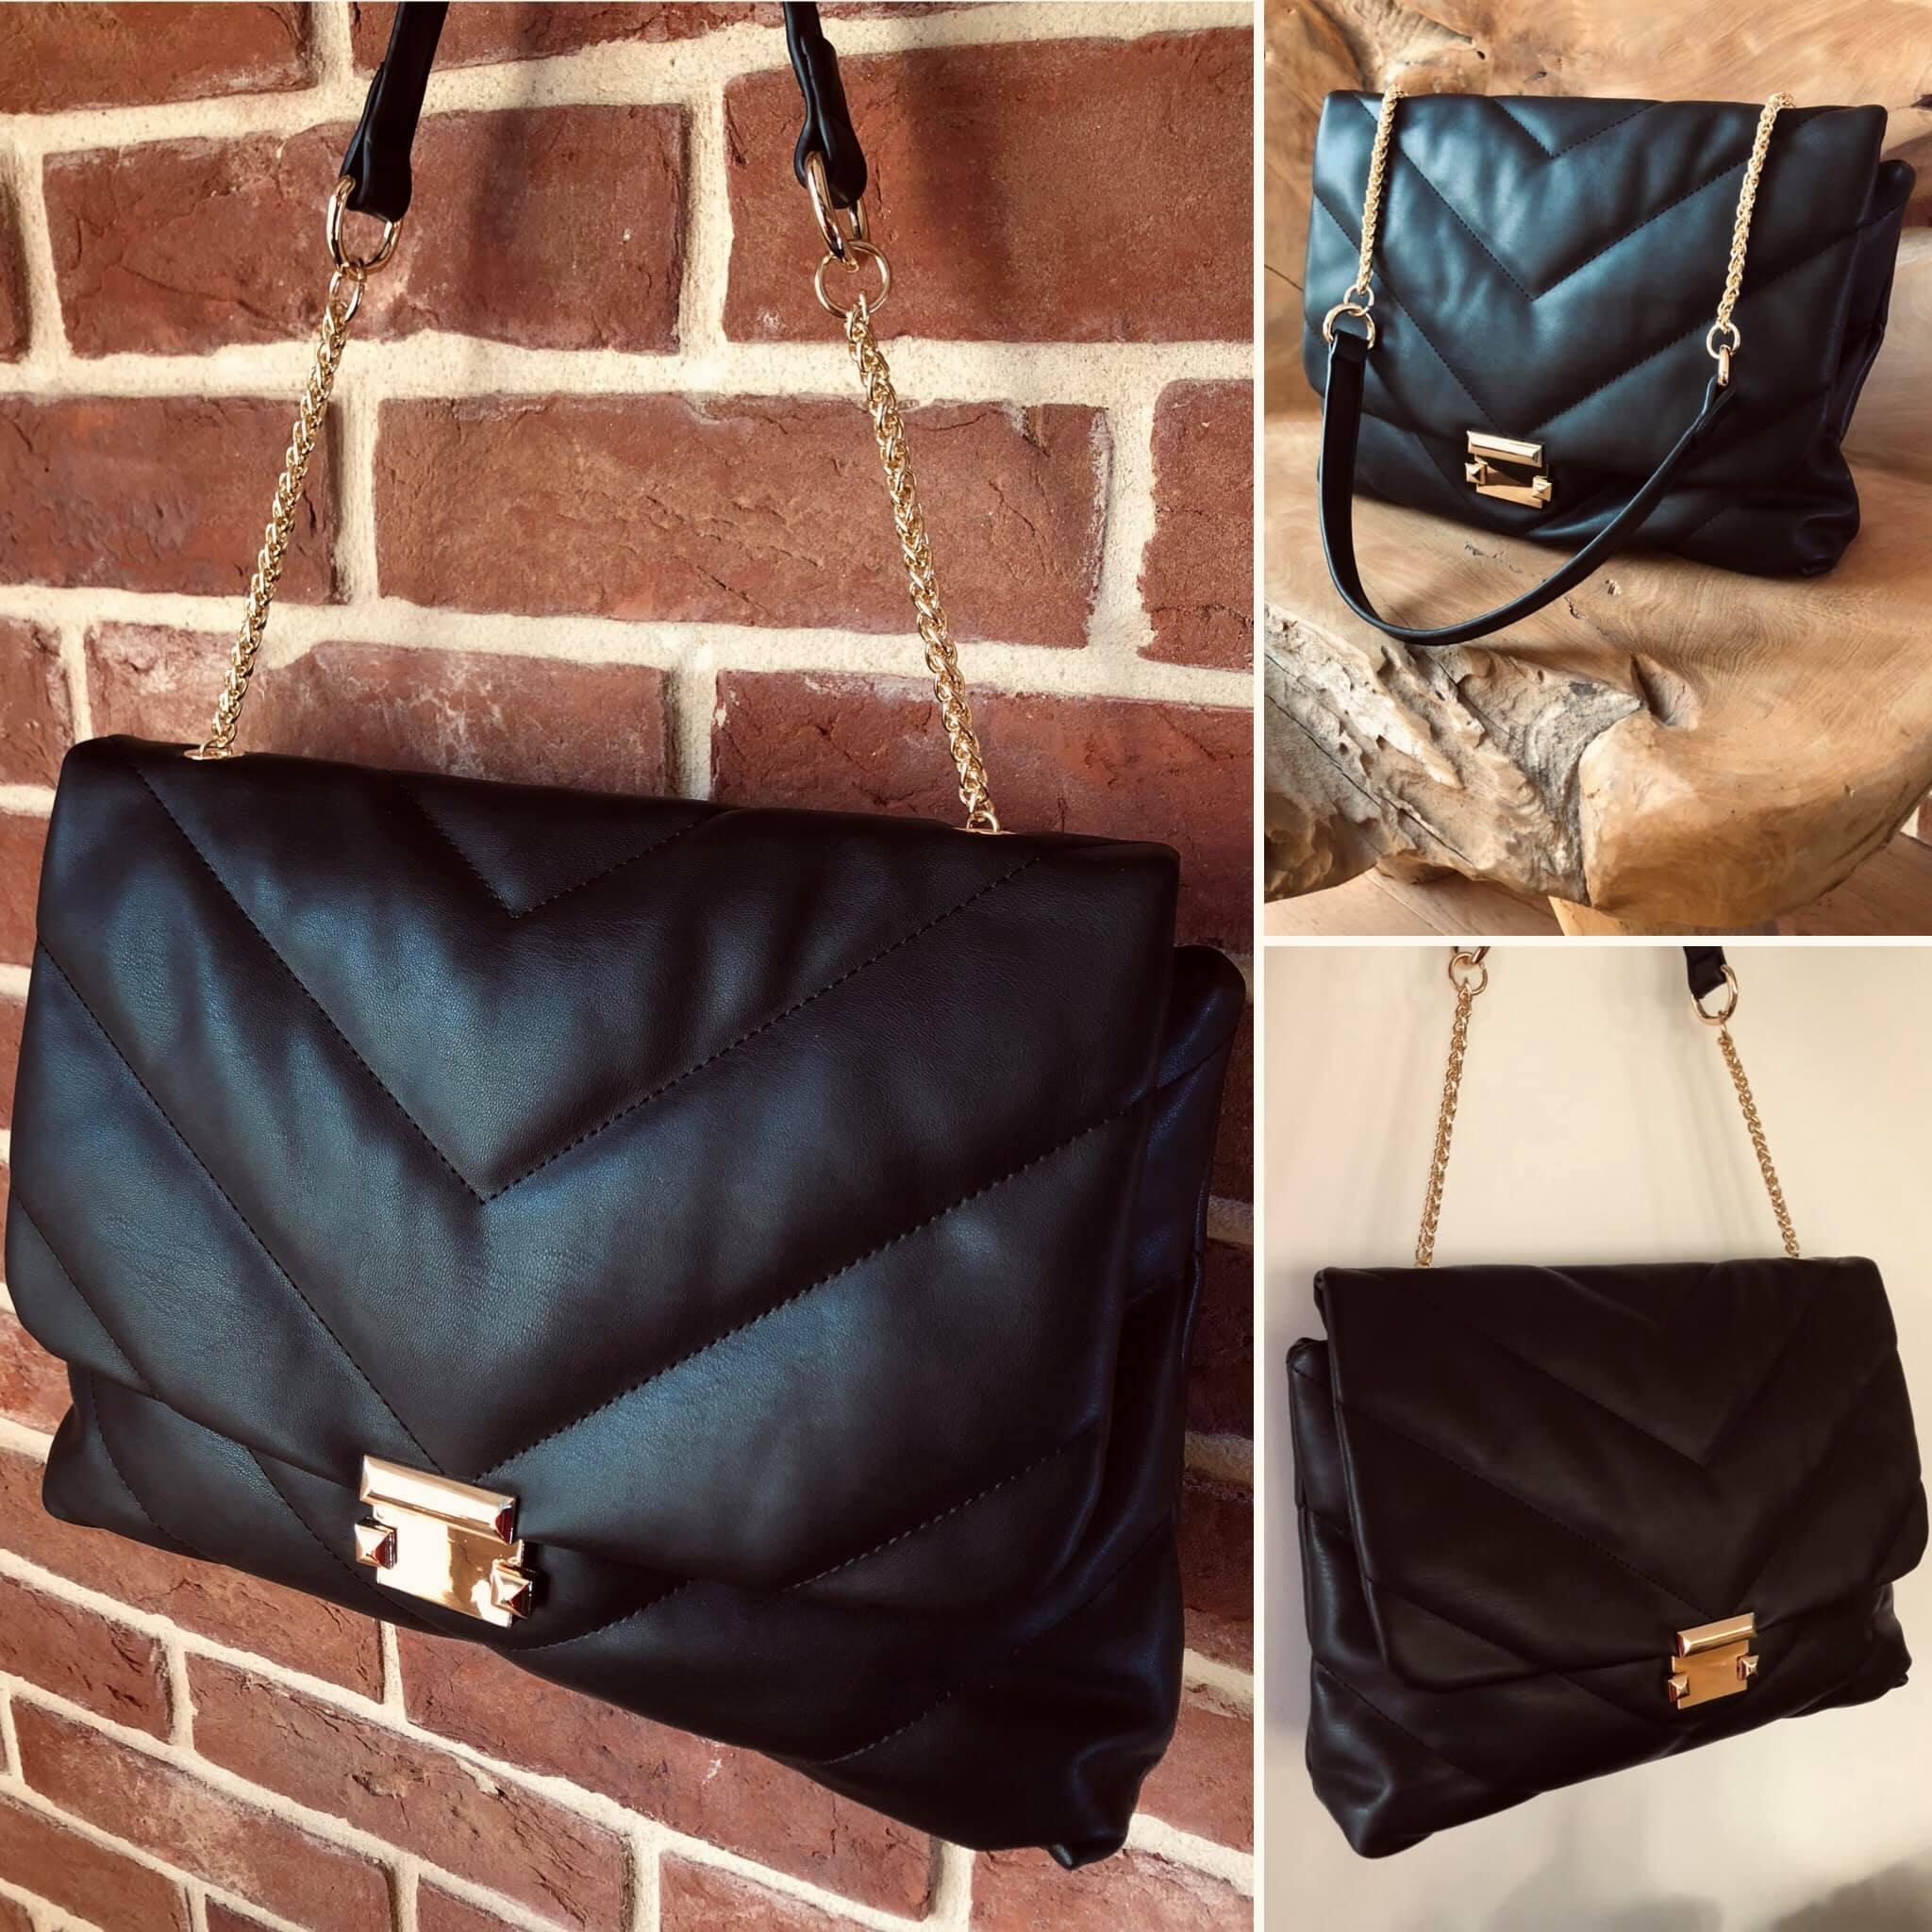 Grand sac Maria noir en simili cuir